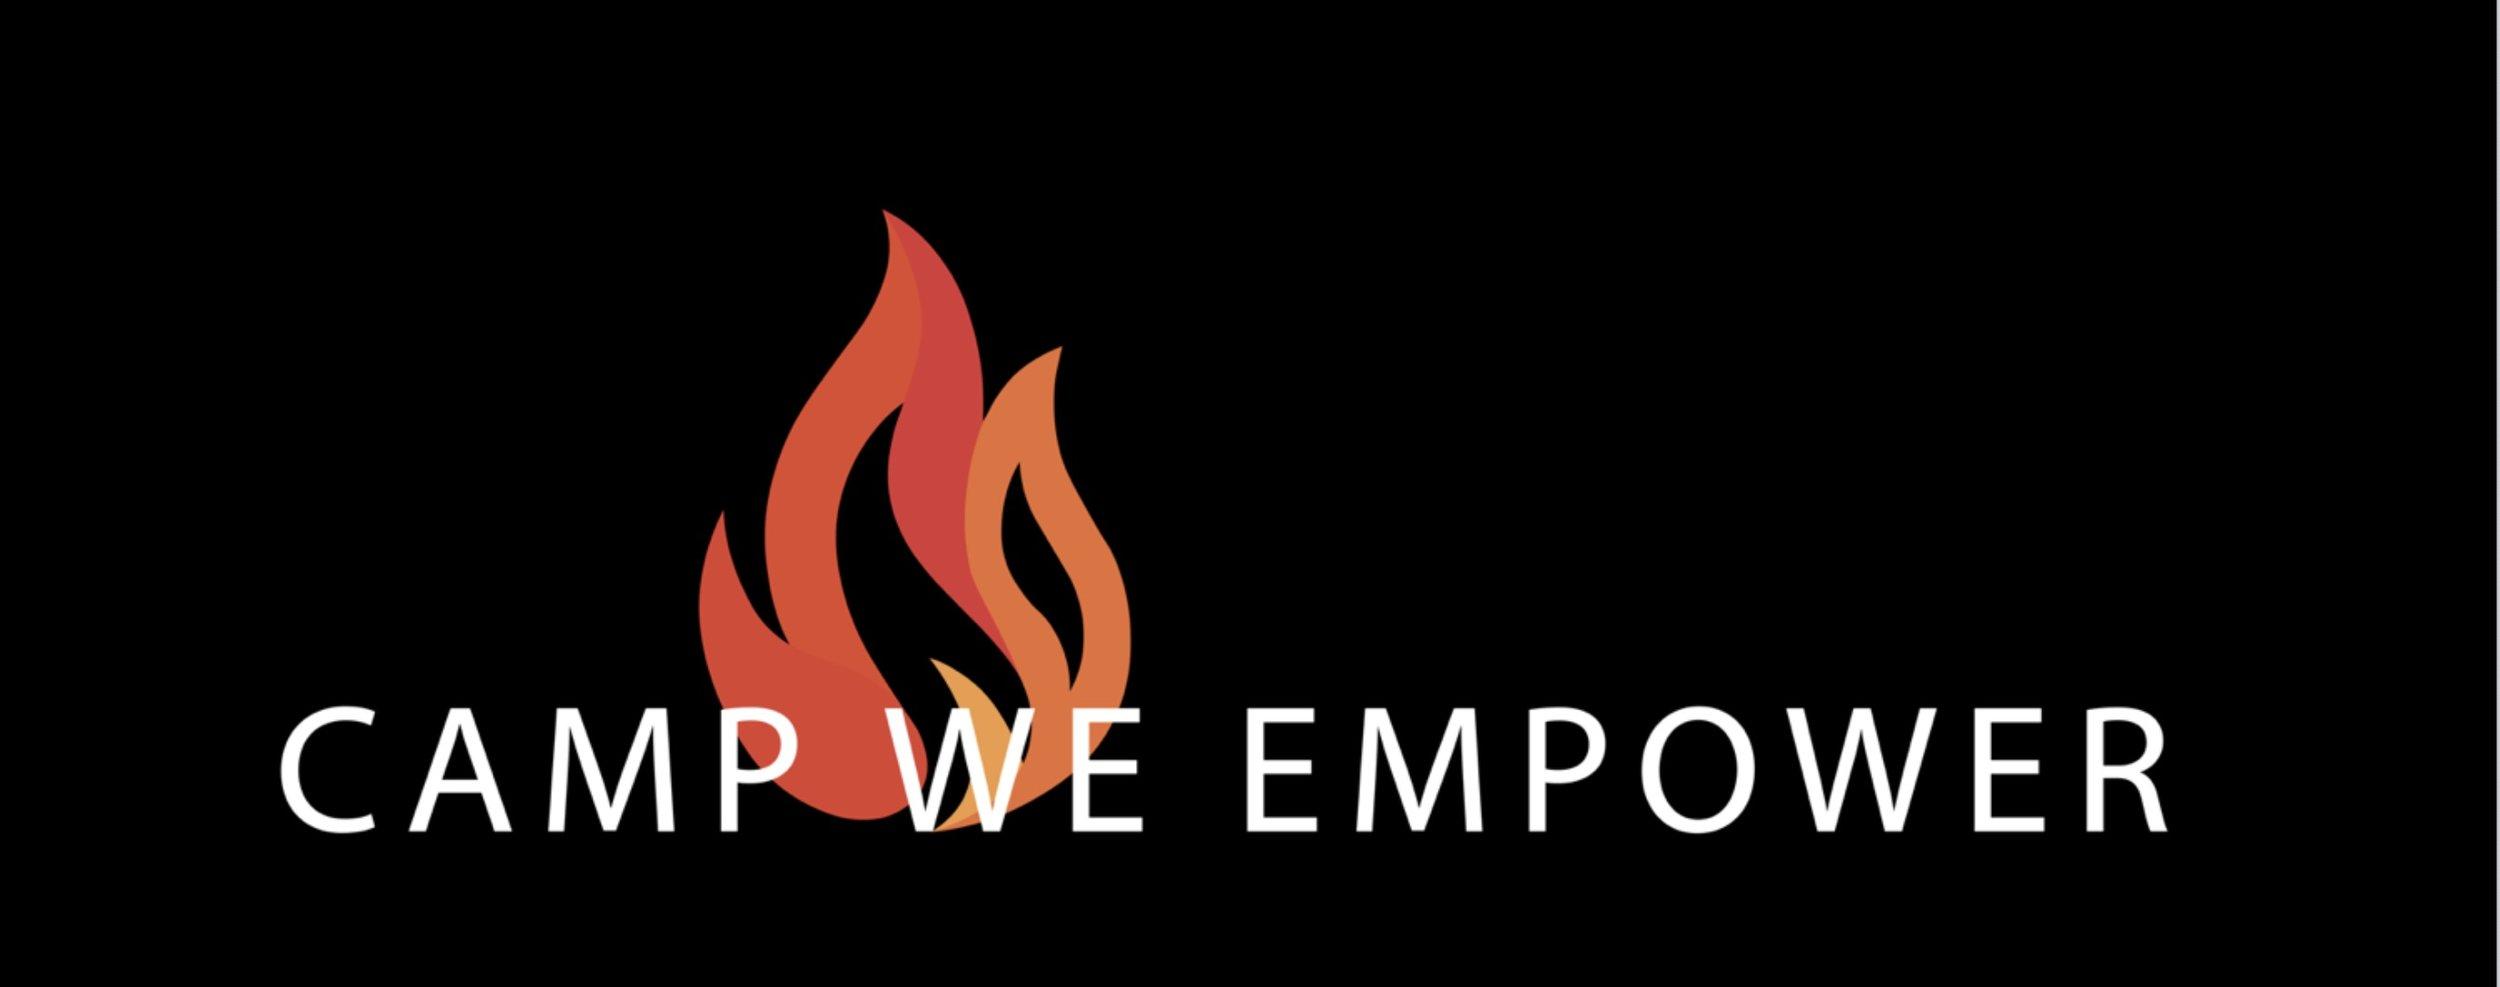 Camp We Empower